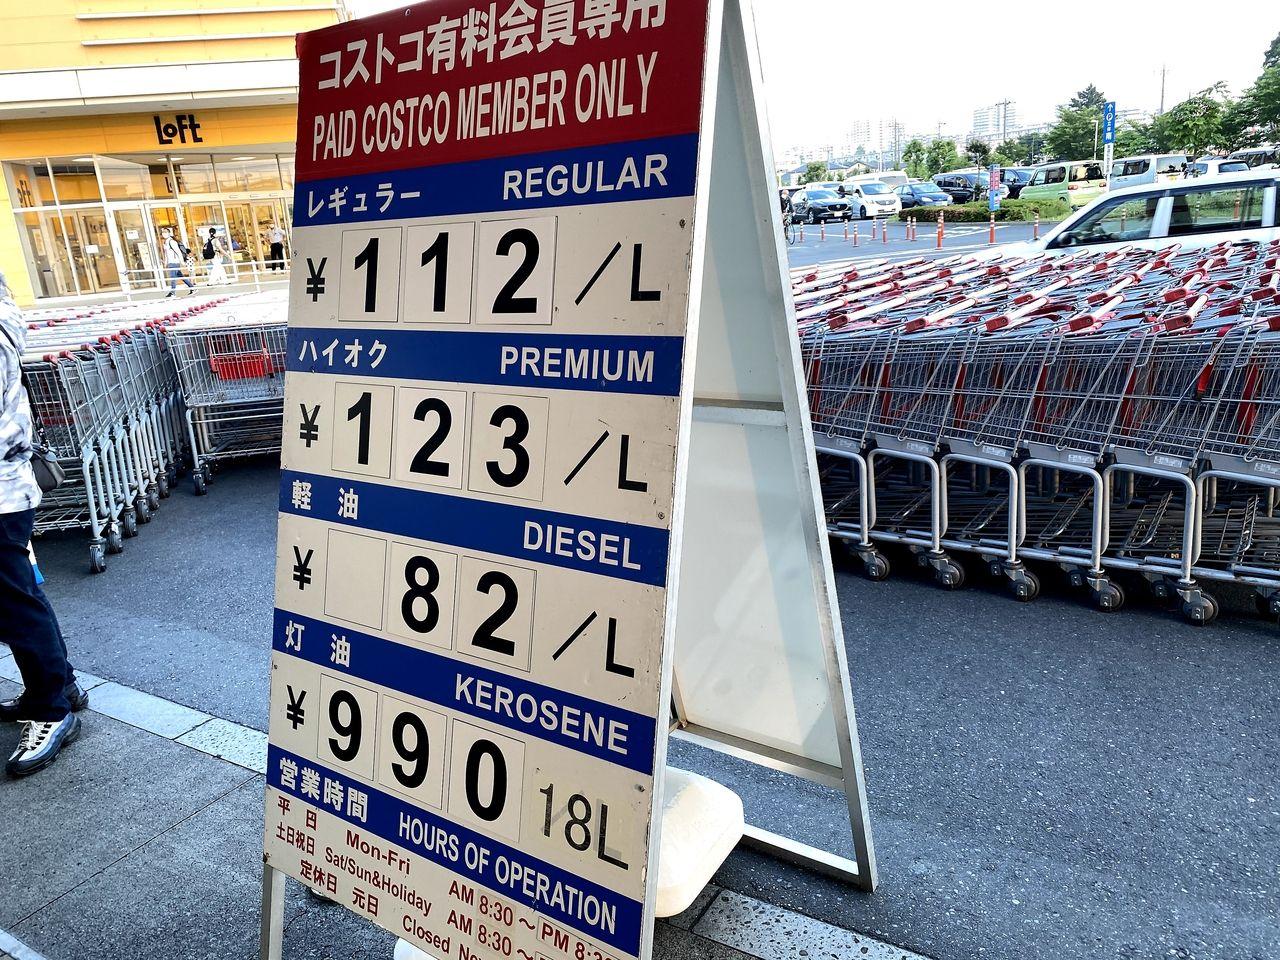 新三郷コストコのガスステーション。ガソリン価格情報(2020.6.4)